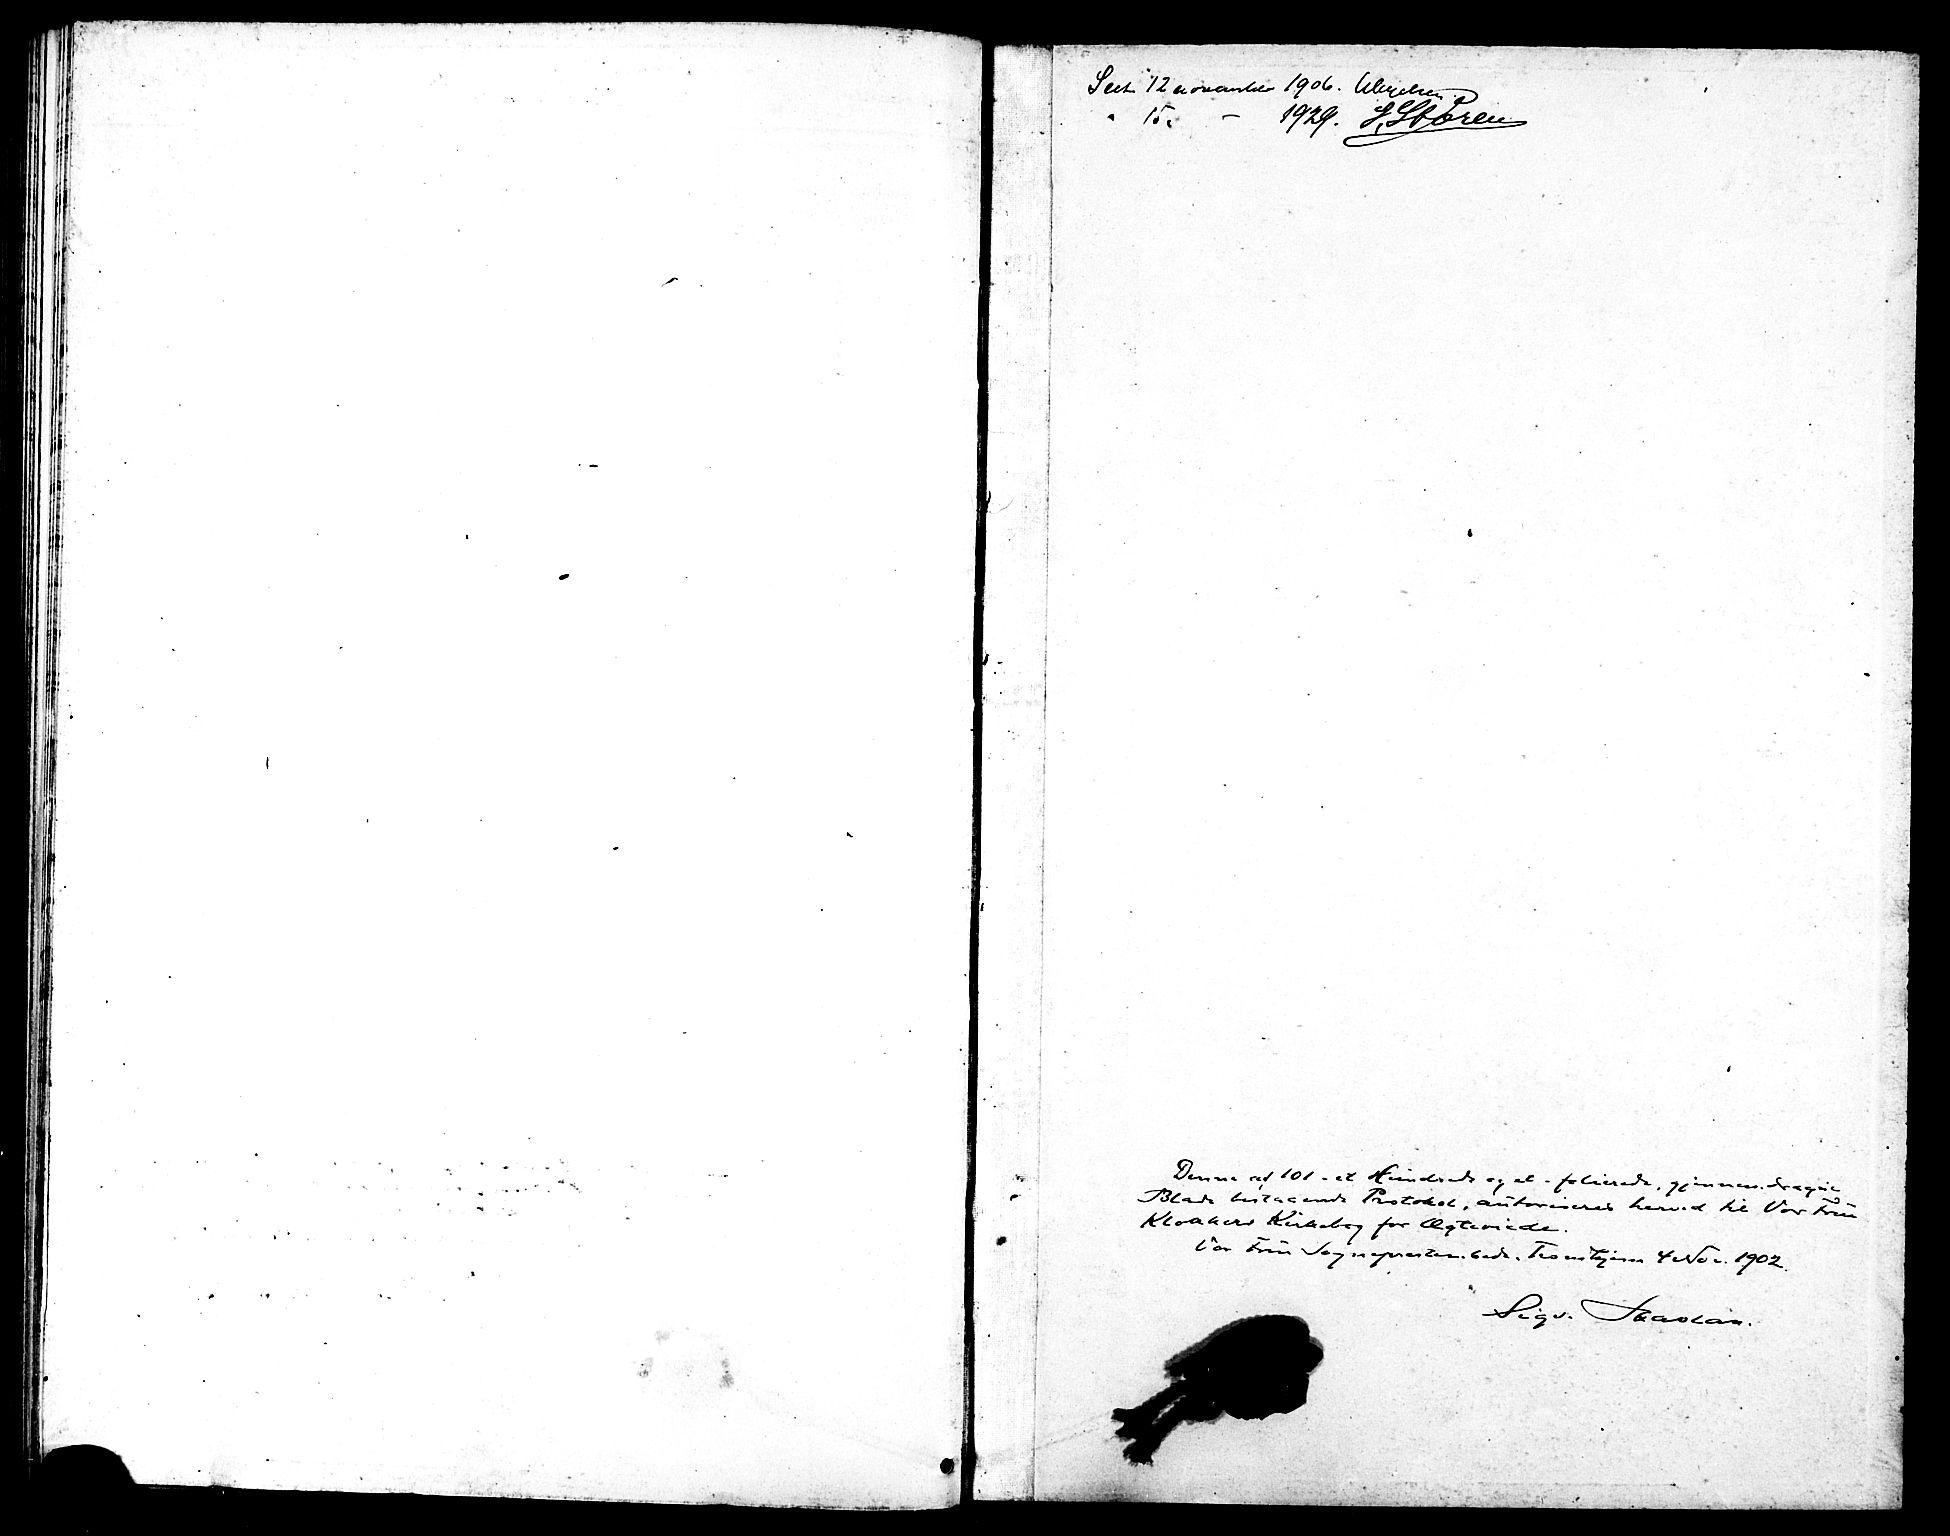 SAT, Ministerialprotokoller, klokkerbøker og fødselsregistre - Sør-Trøndelag, 602/L0145: Klokkerbok nr. 602C13, 1902-1919